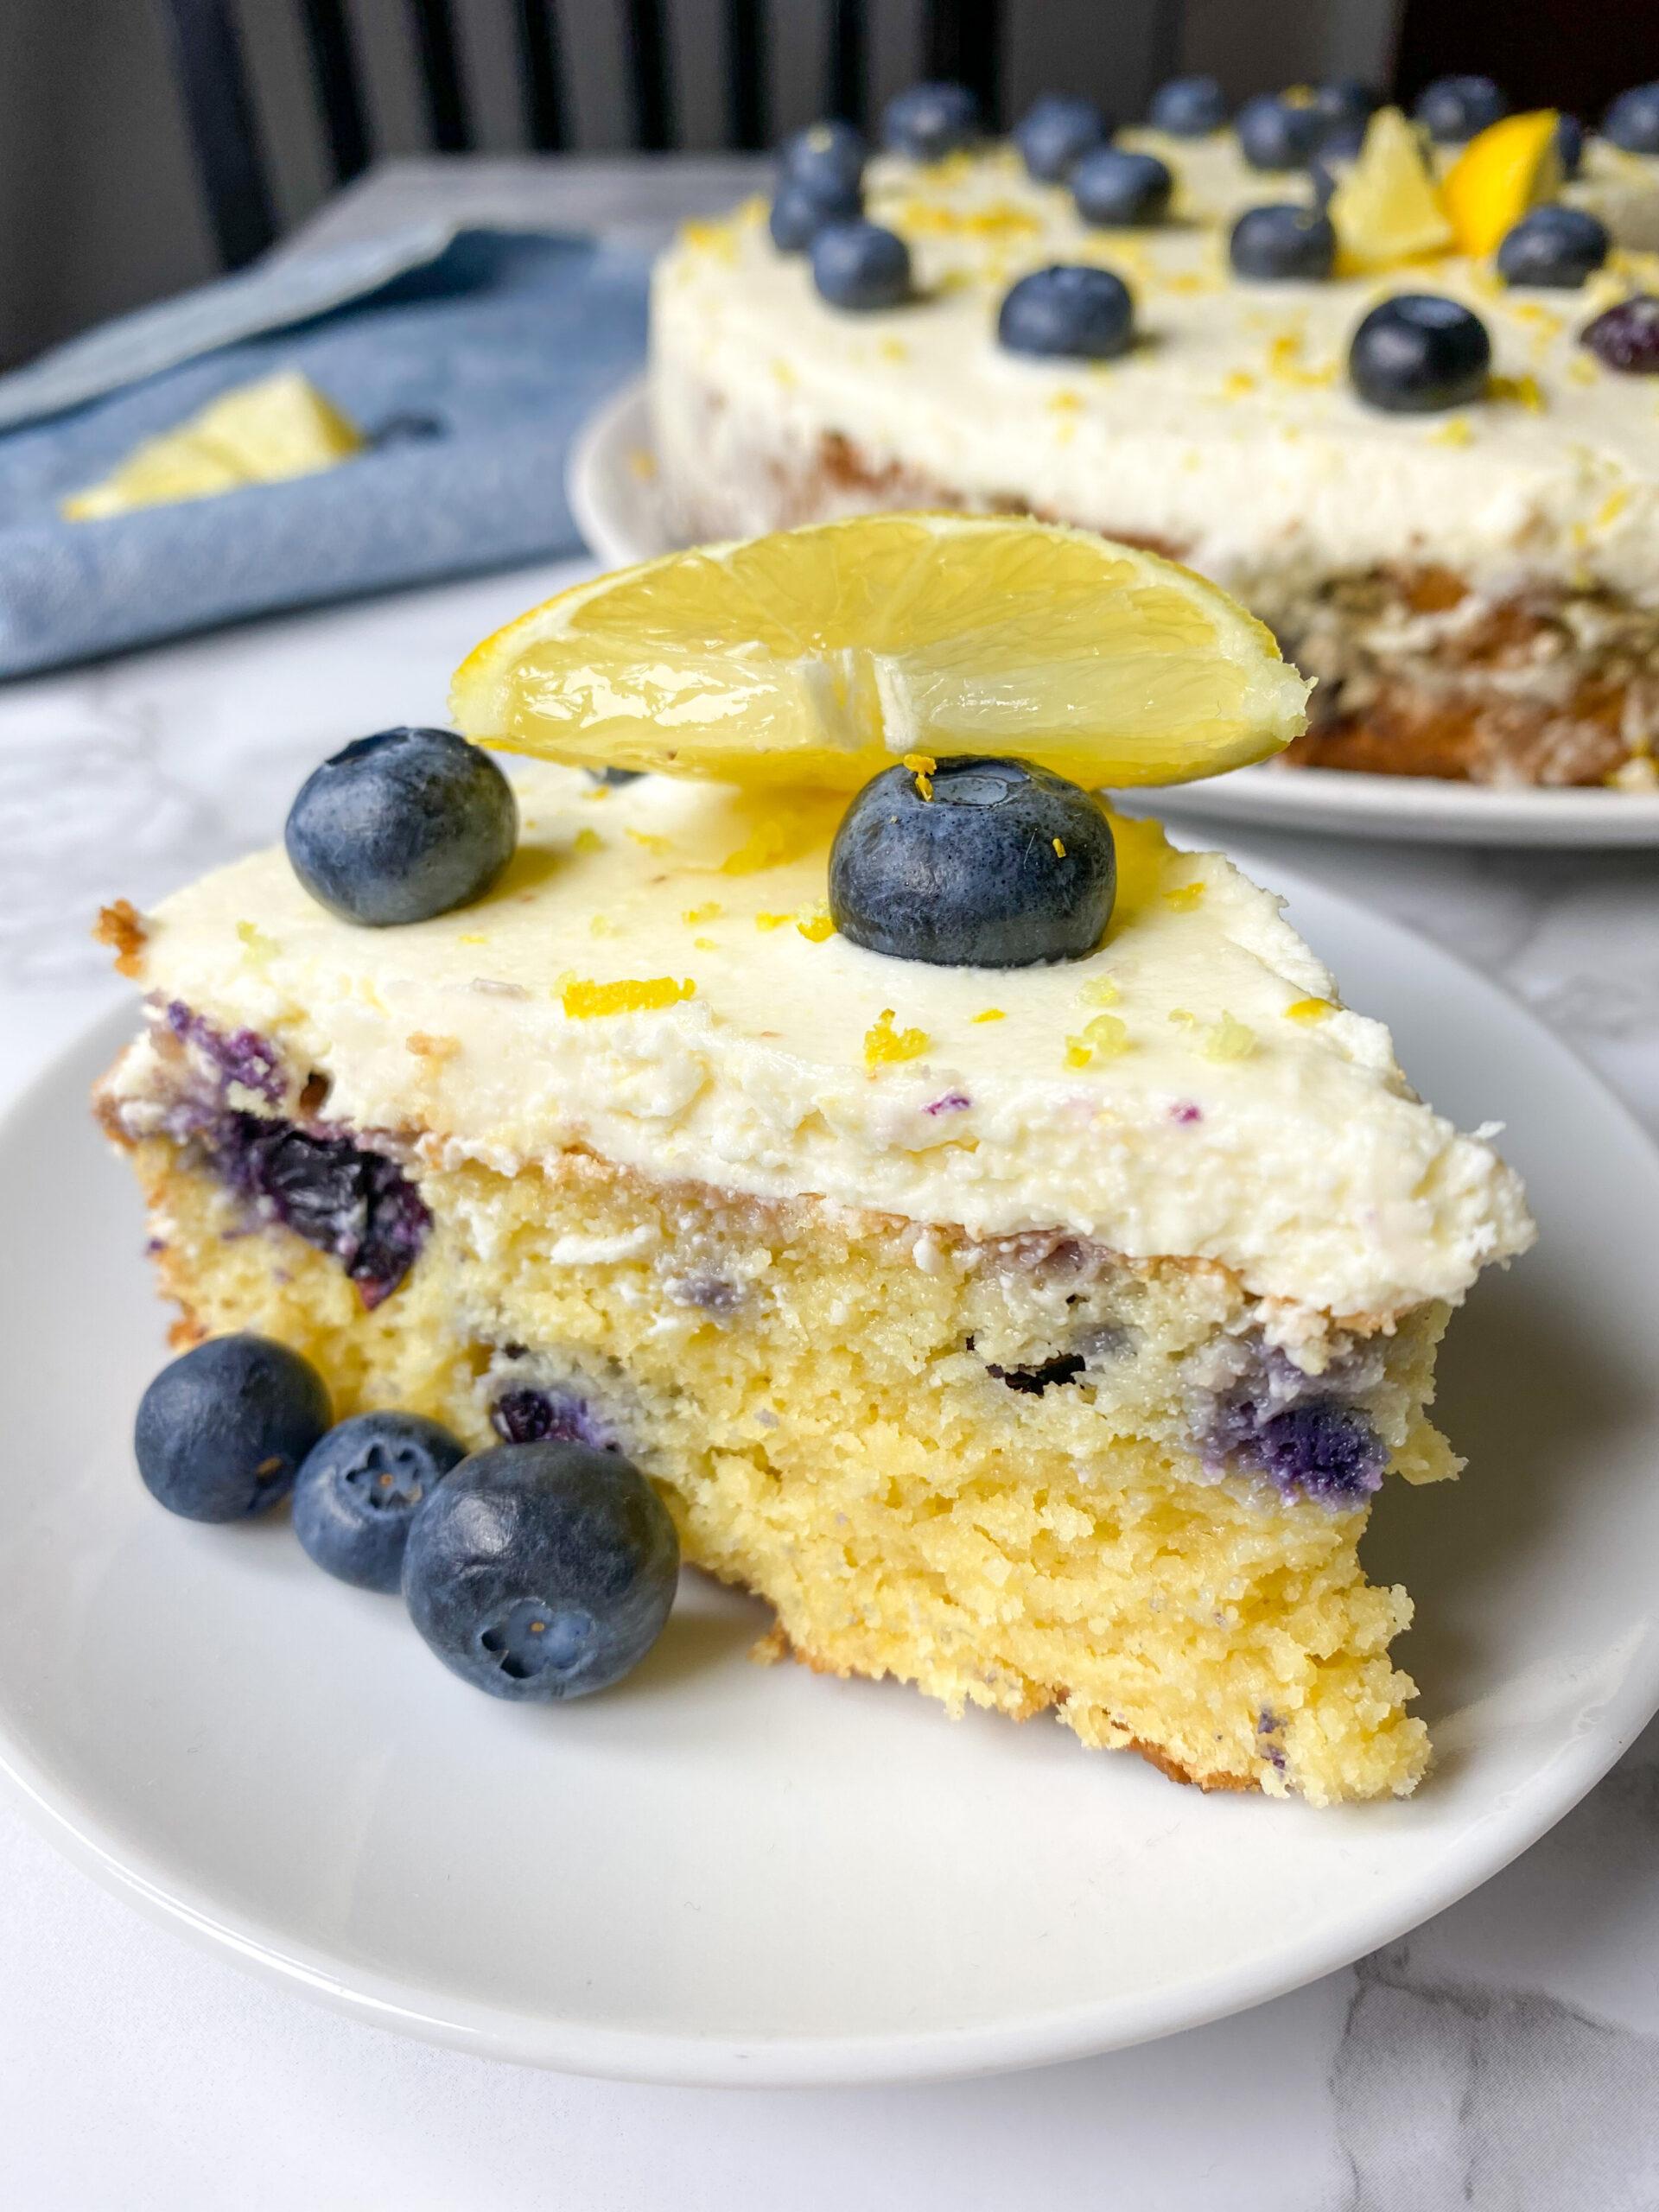 Picture of keto lemon blueberry dessert